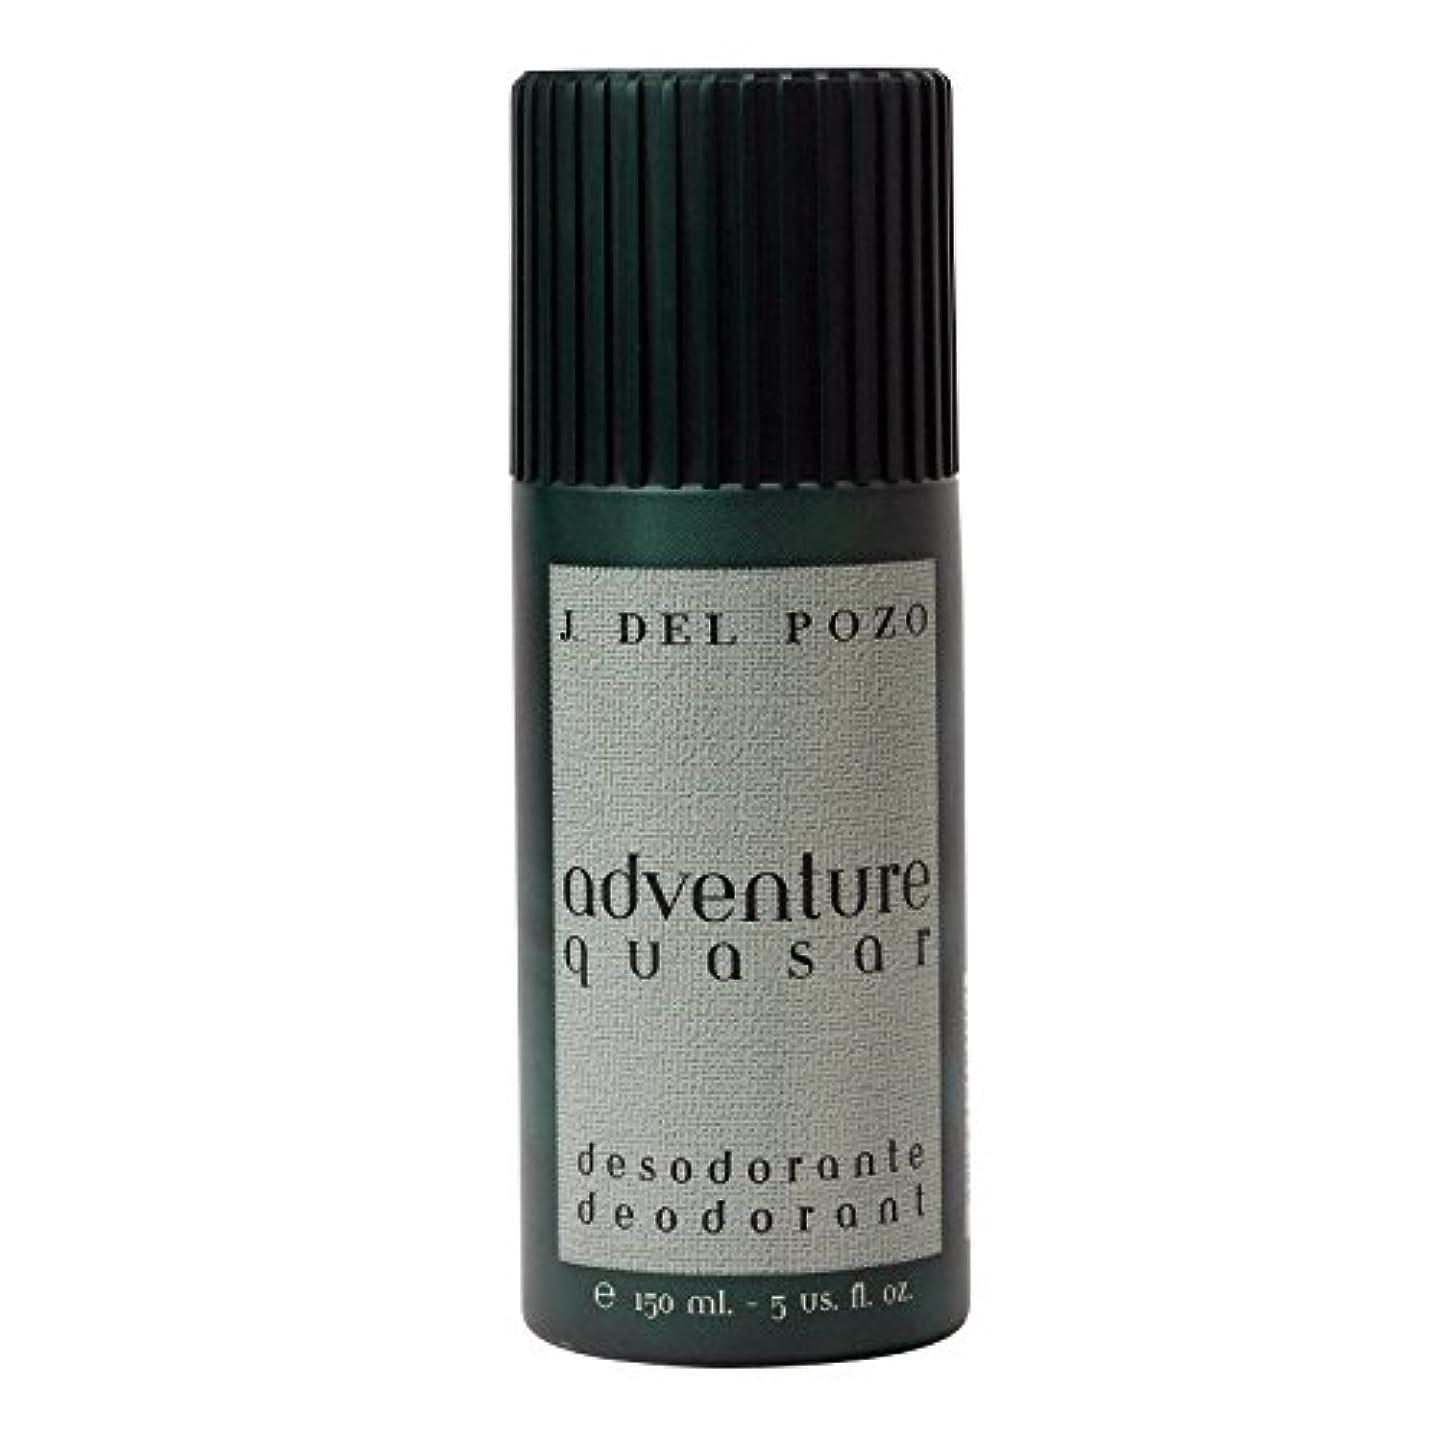 クレタ自己離れてAdventure Quasar (アドベンチャー クエイサー) 5.0 oz (150ml) Deodorant Spray by J. Del Pozo for Men